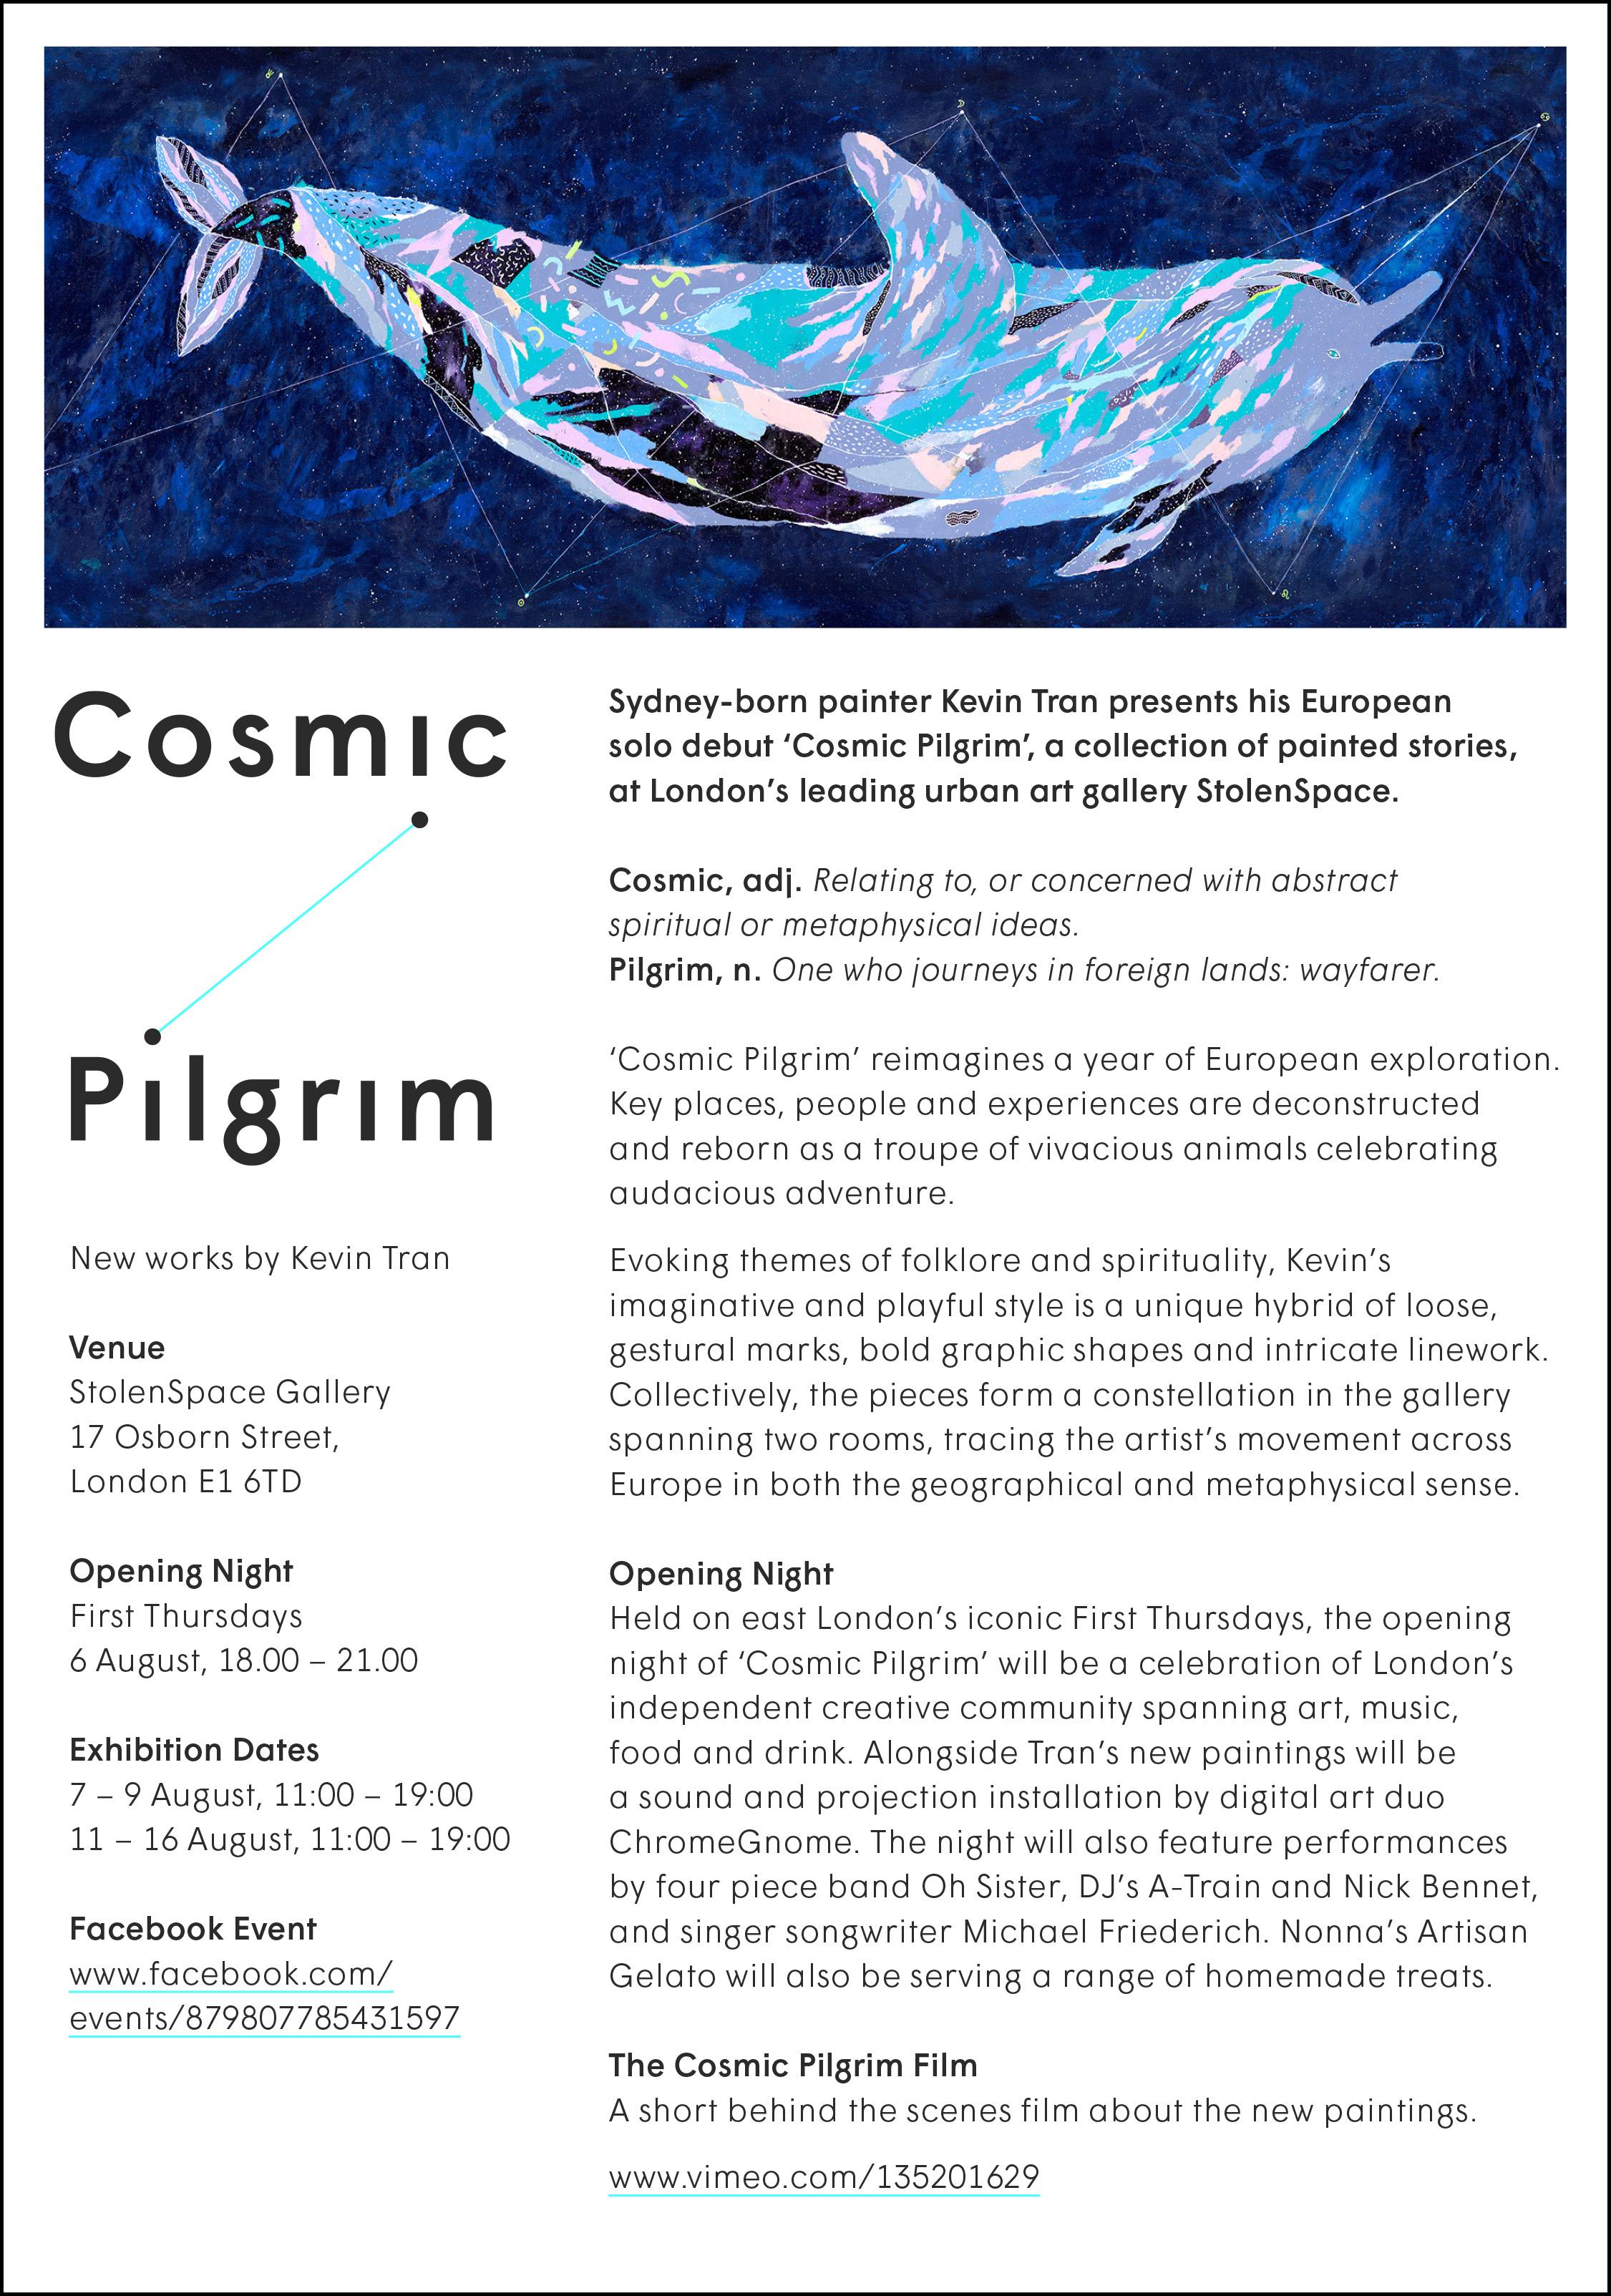 KevinTran_CosmicPilgrim2015_PressRelease-1